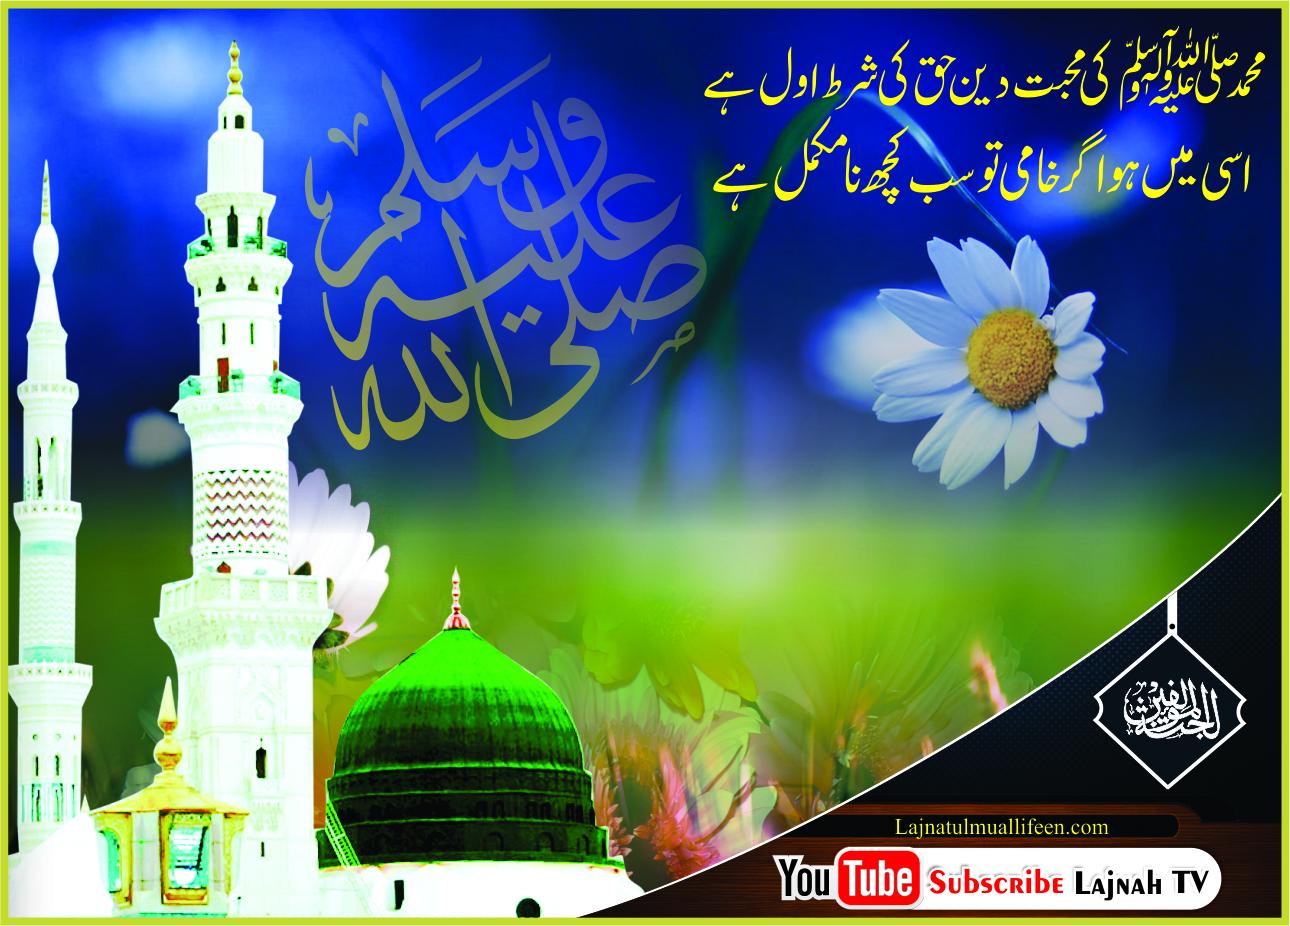 محمد ﷺ کی محبت دین حق کی شرط اول ہے